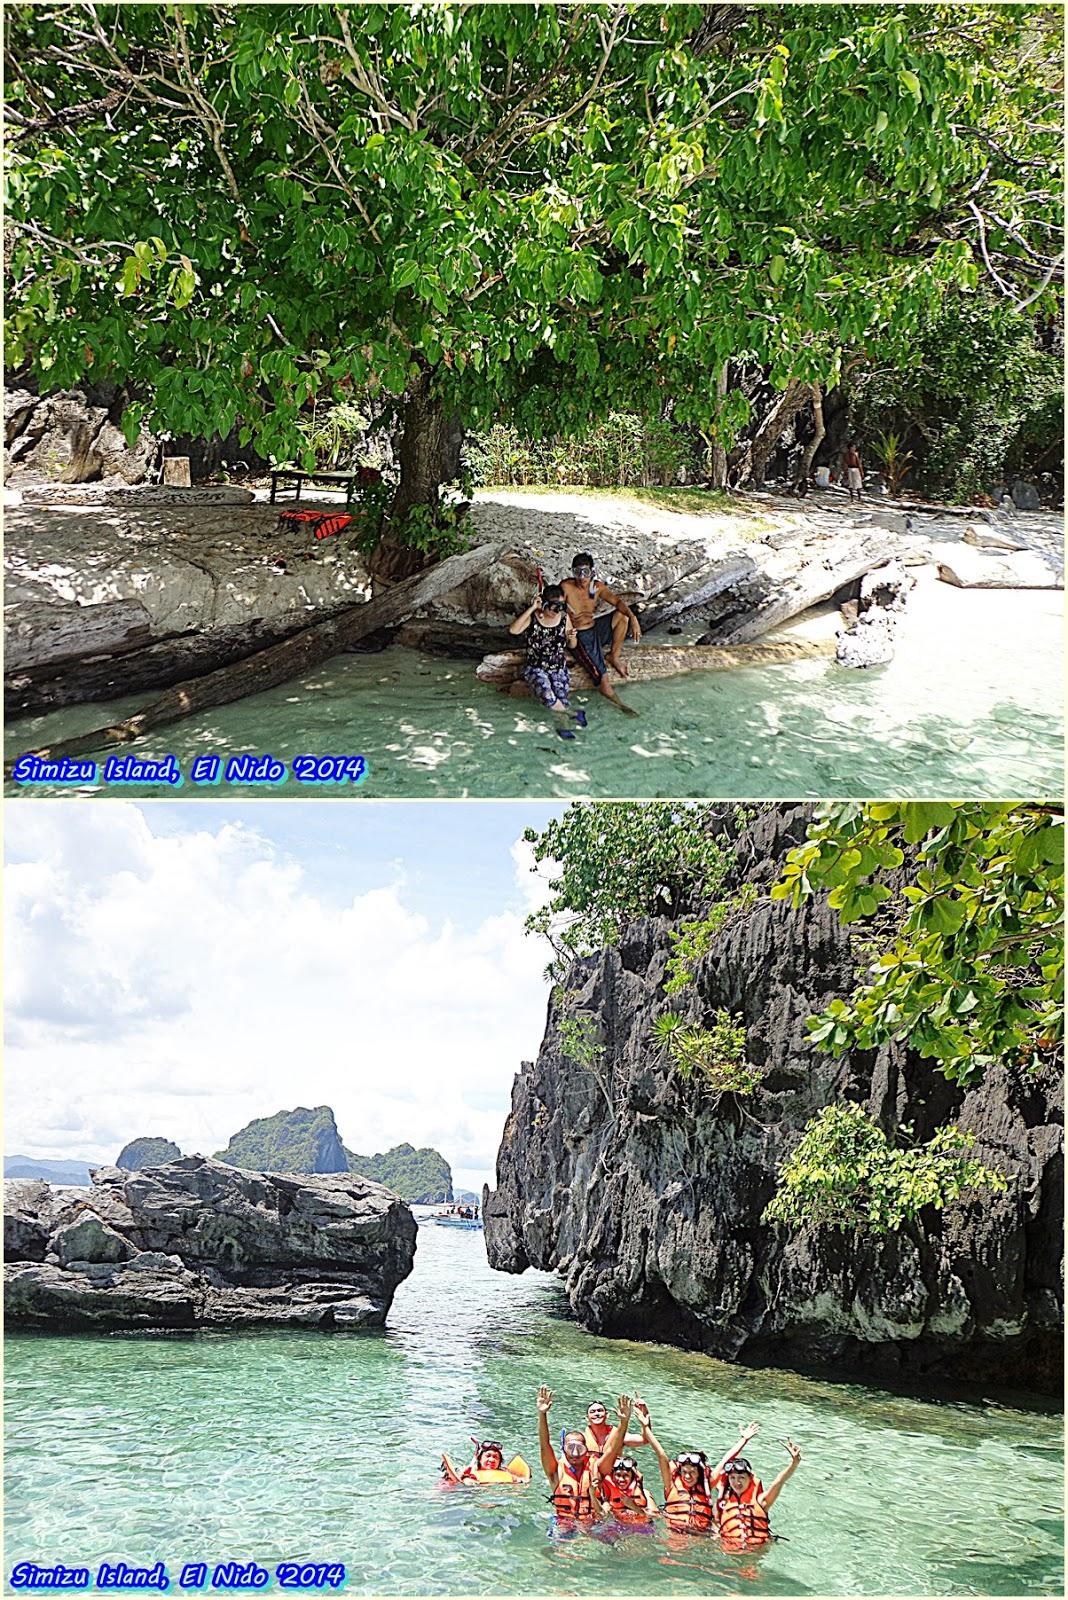 Shimizu Island, Tour A, El Nido, Palawan